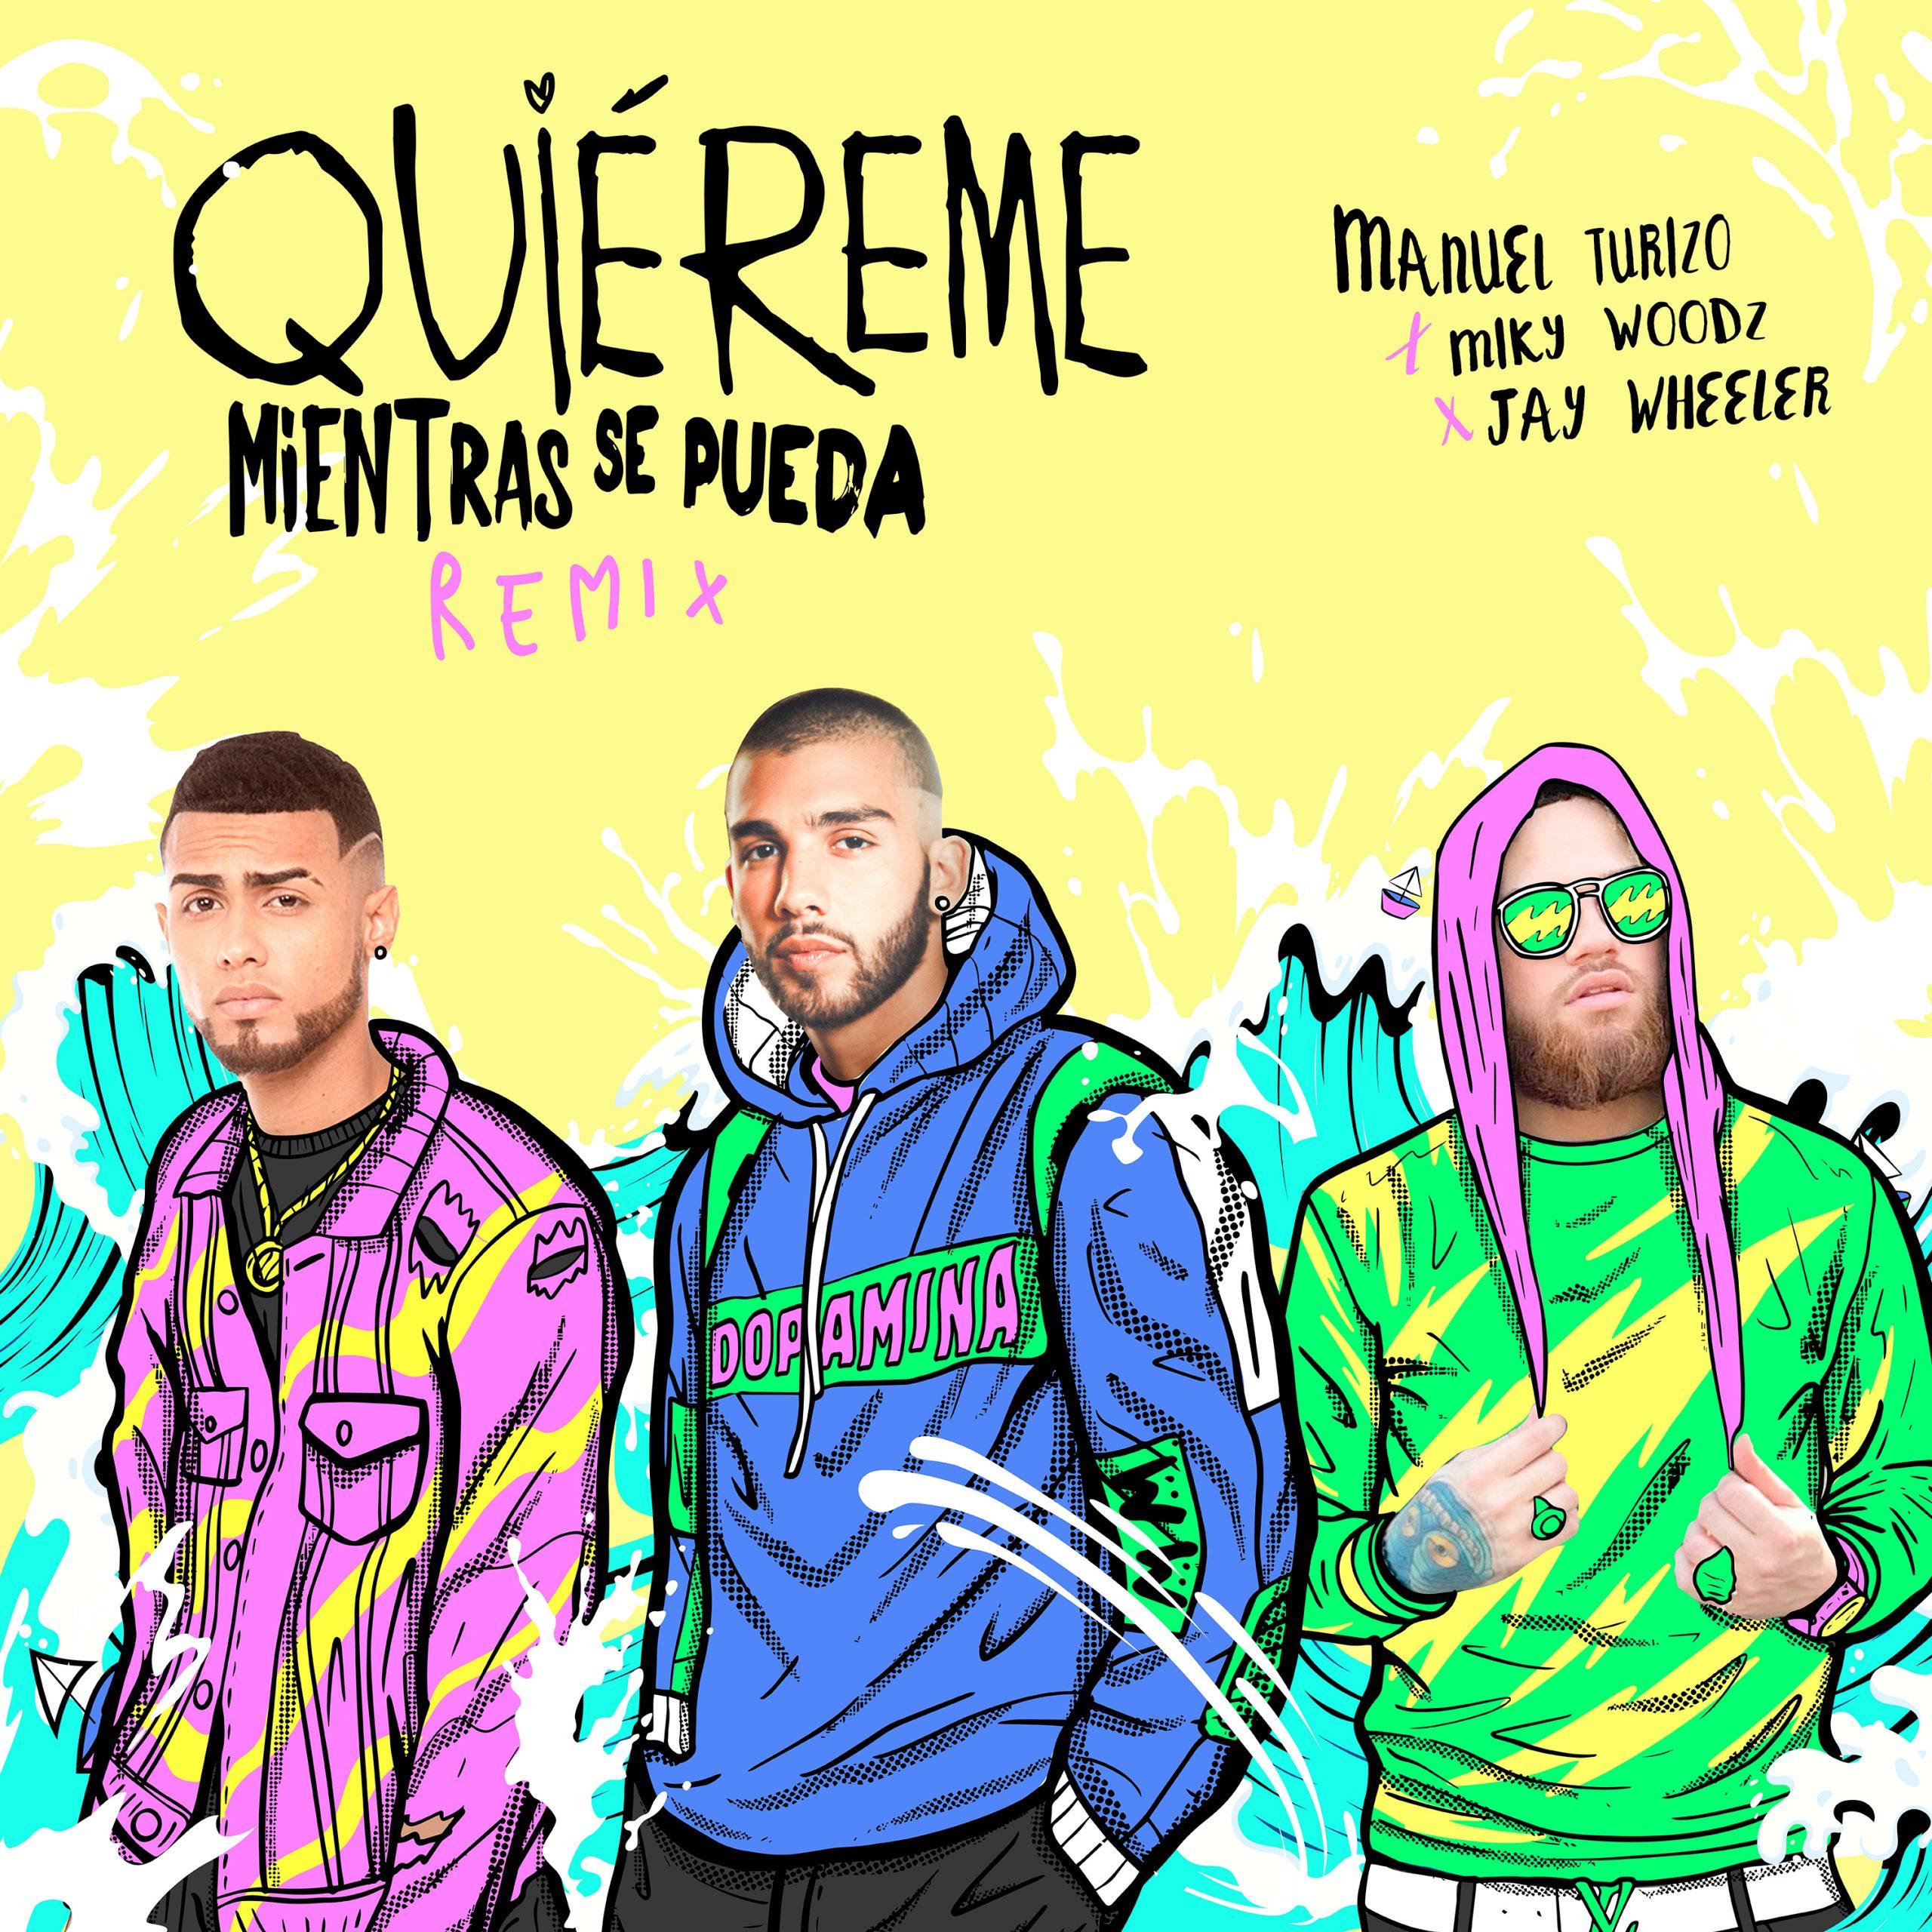 ManuelTurizo_QuieremeMientrasSePuedaRemix_Cover